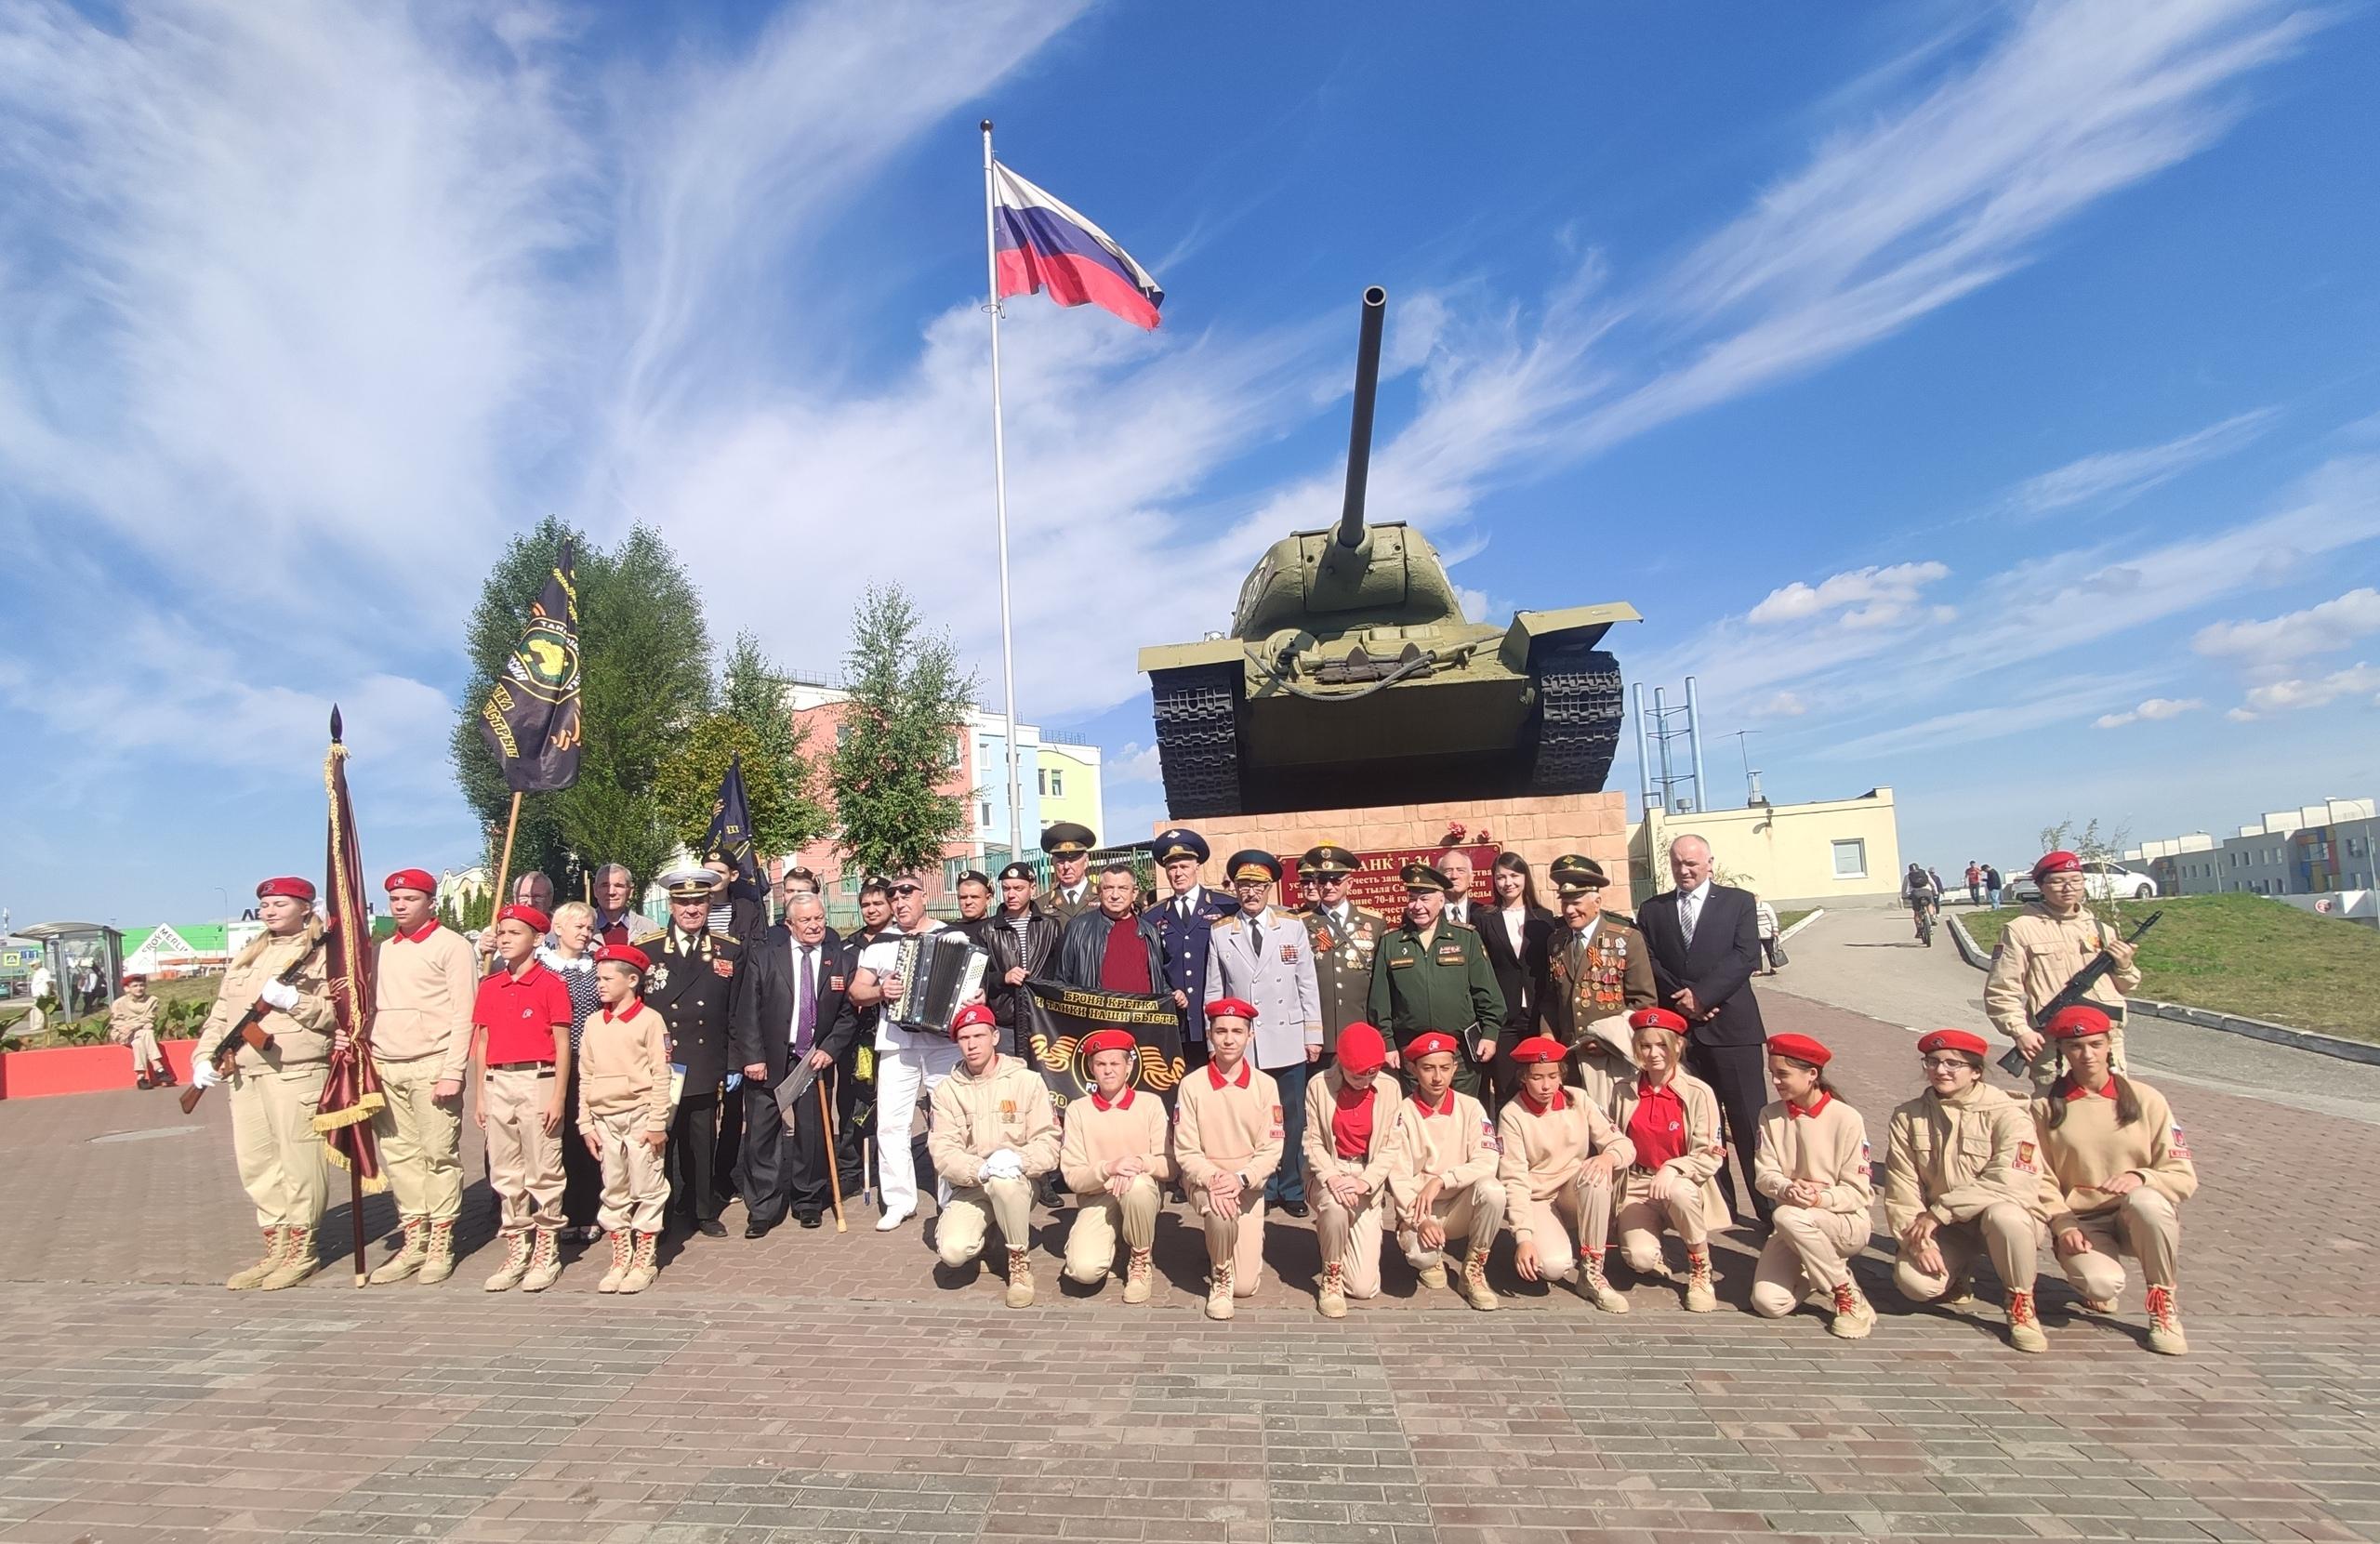 У монумента «Т-34» собралисьветераны, военные и юнармейцы